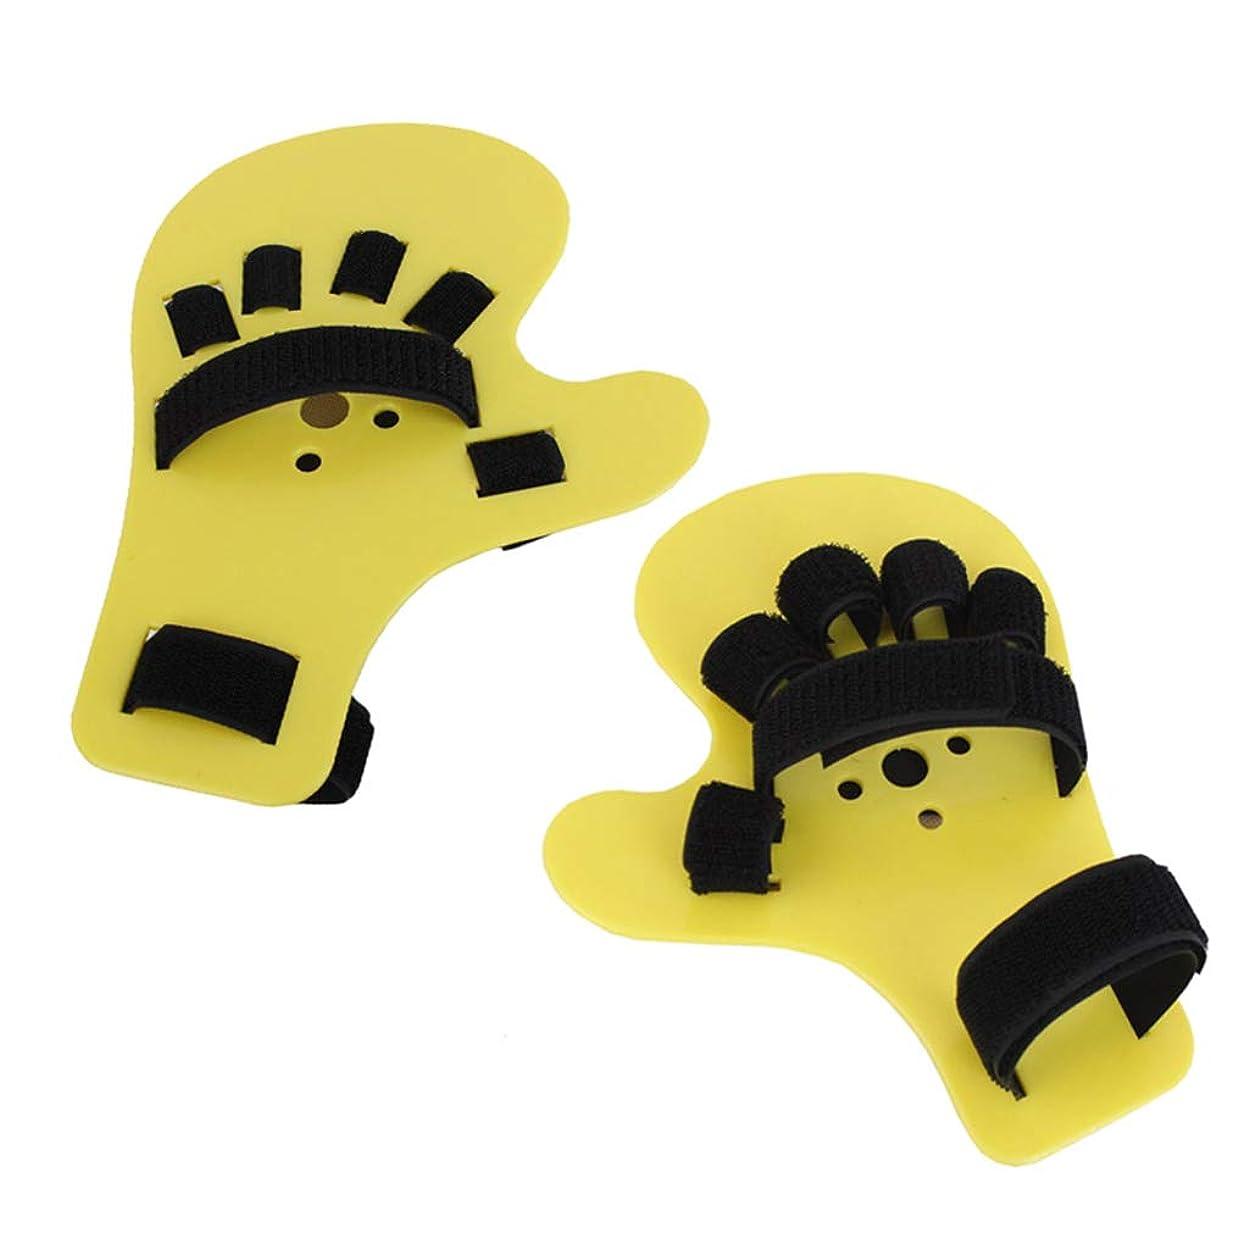 アミューズメントチョップ哲学者手首装具 - 指リハビリテーション訓練器具、成人の指の固定のための指矯正プレートストローク片麻痺,2pcs